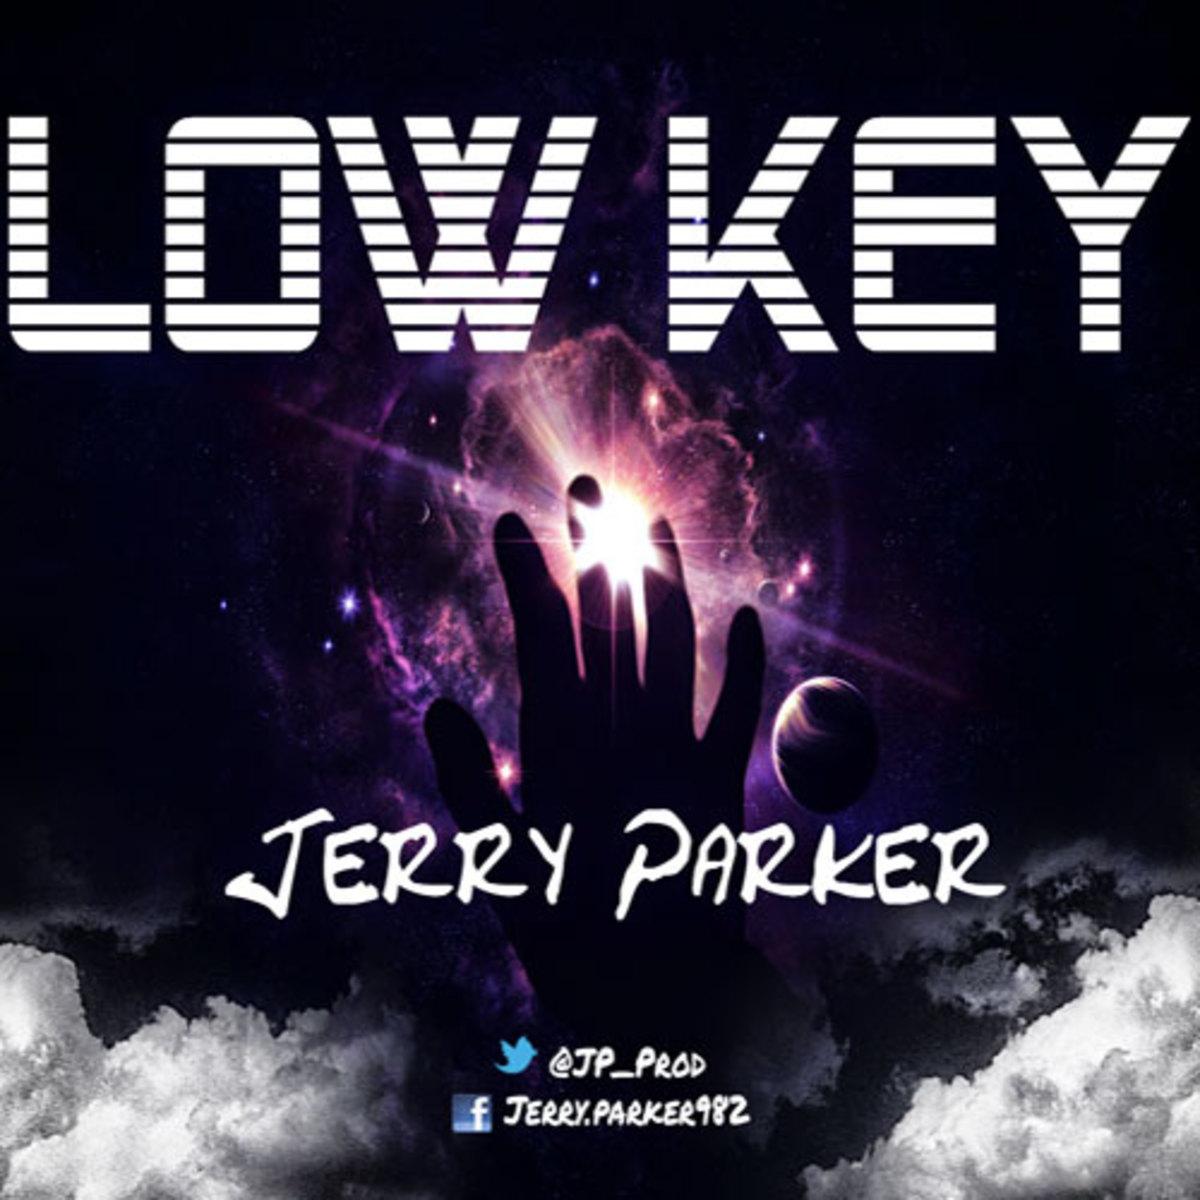 jerryparker-lowkey.jpg